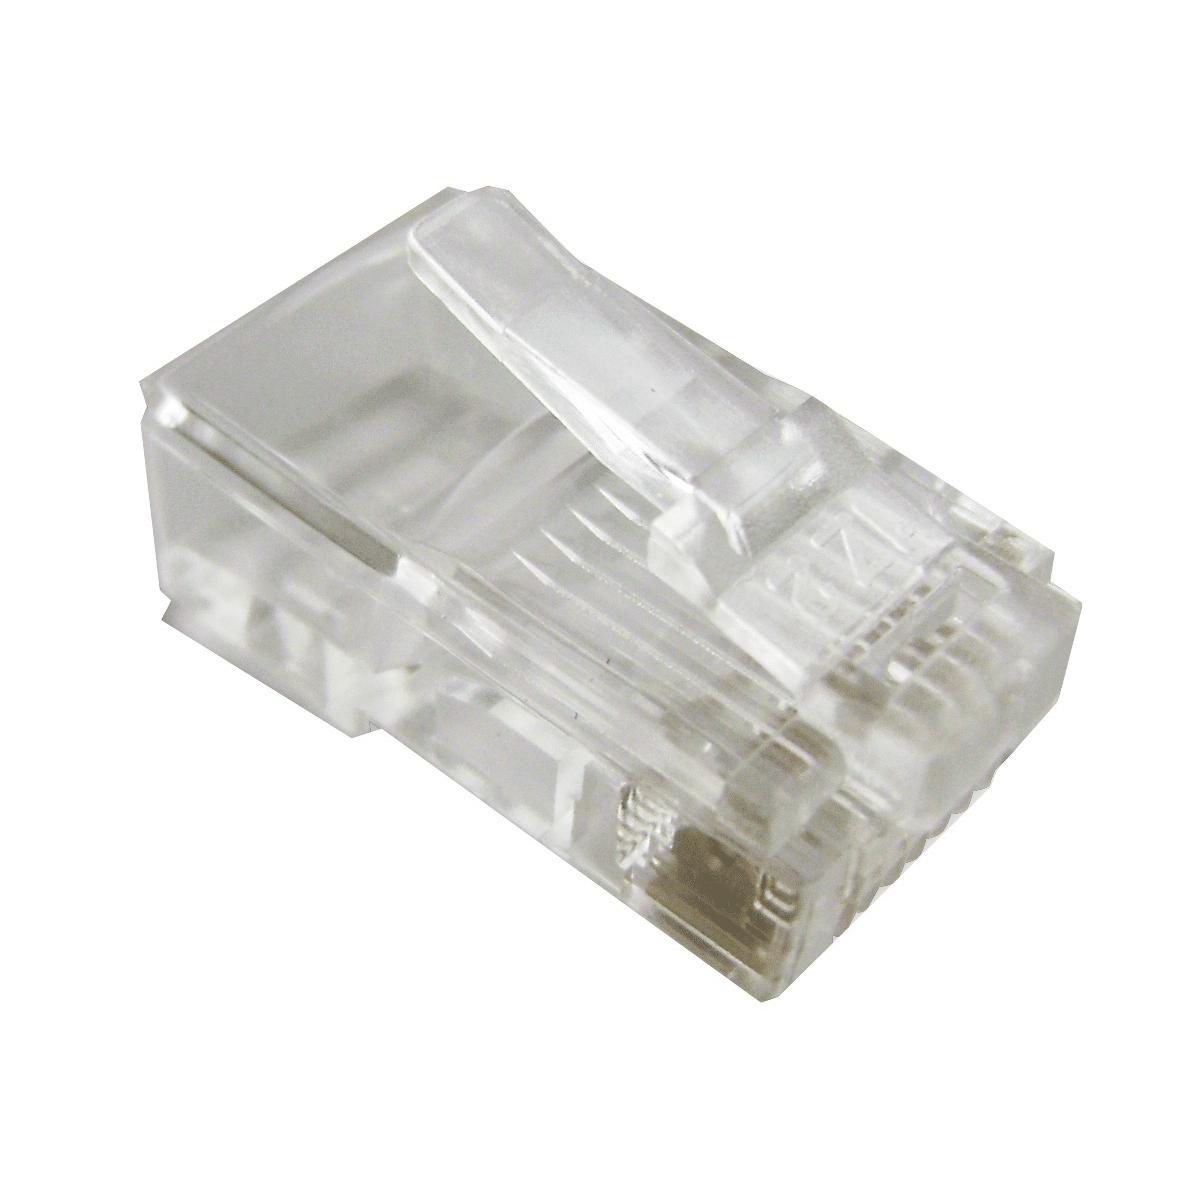 CAT6 RJ45 UTP Modular Plugs - Bag Of 100 Solid | HCC